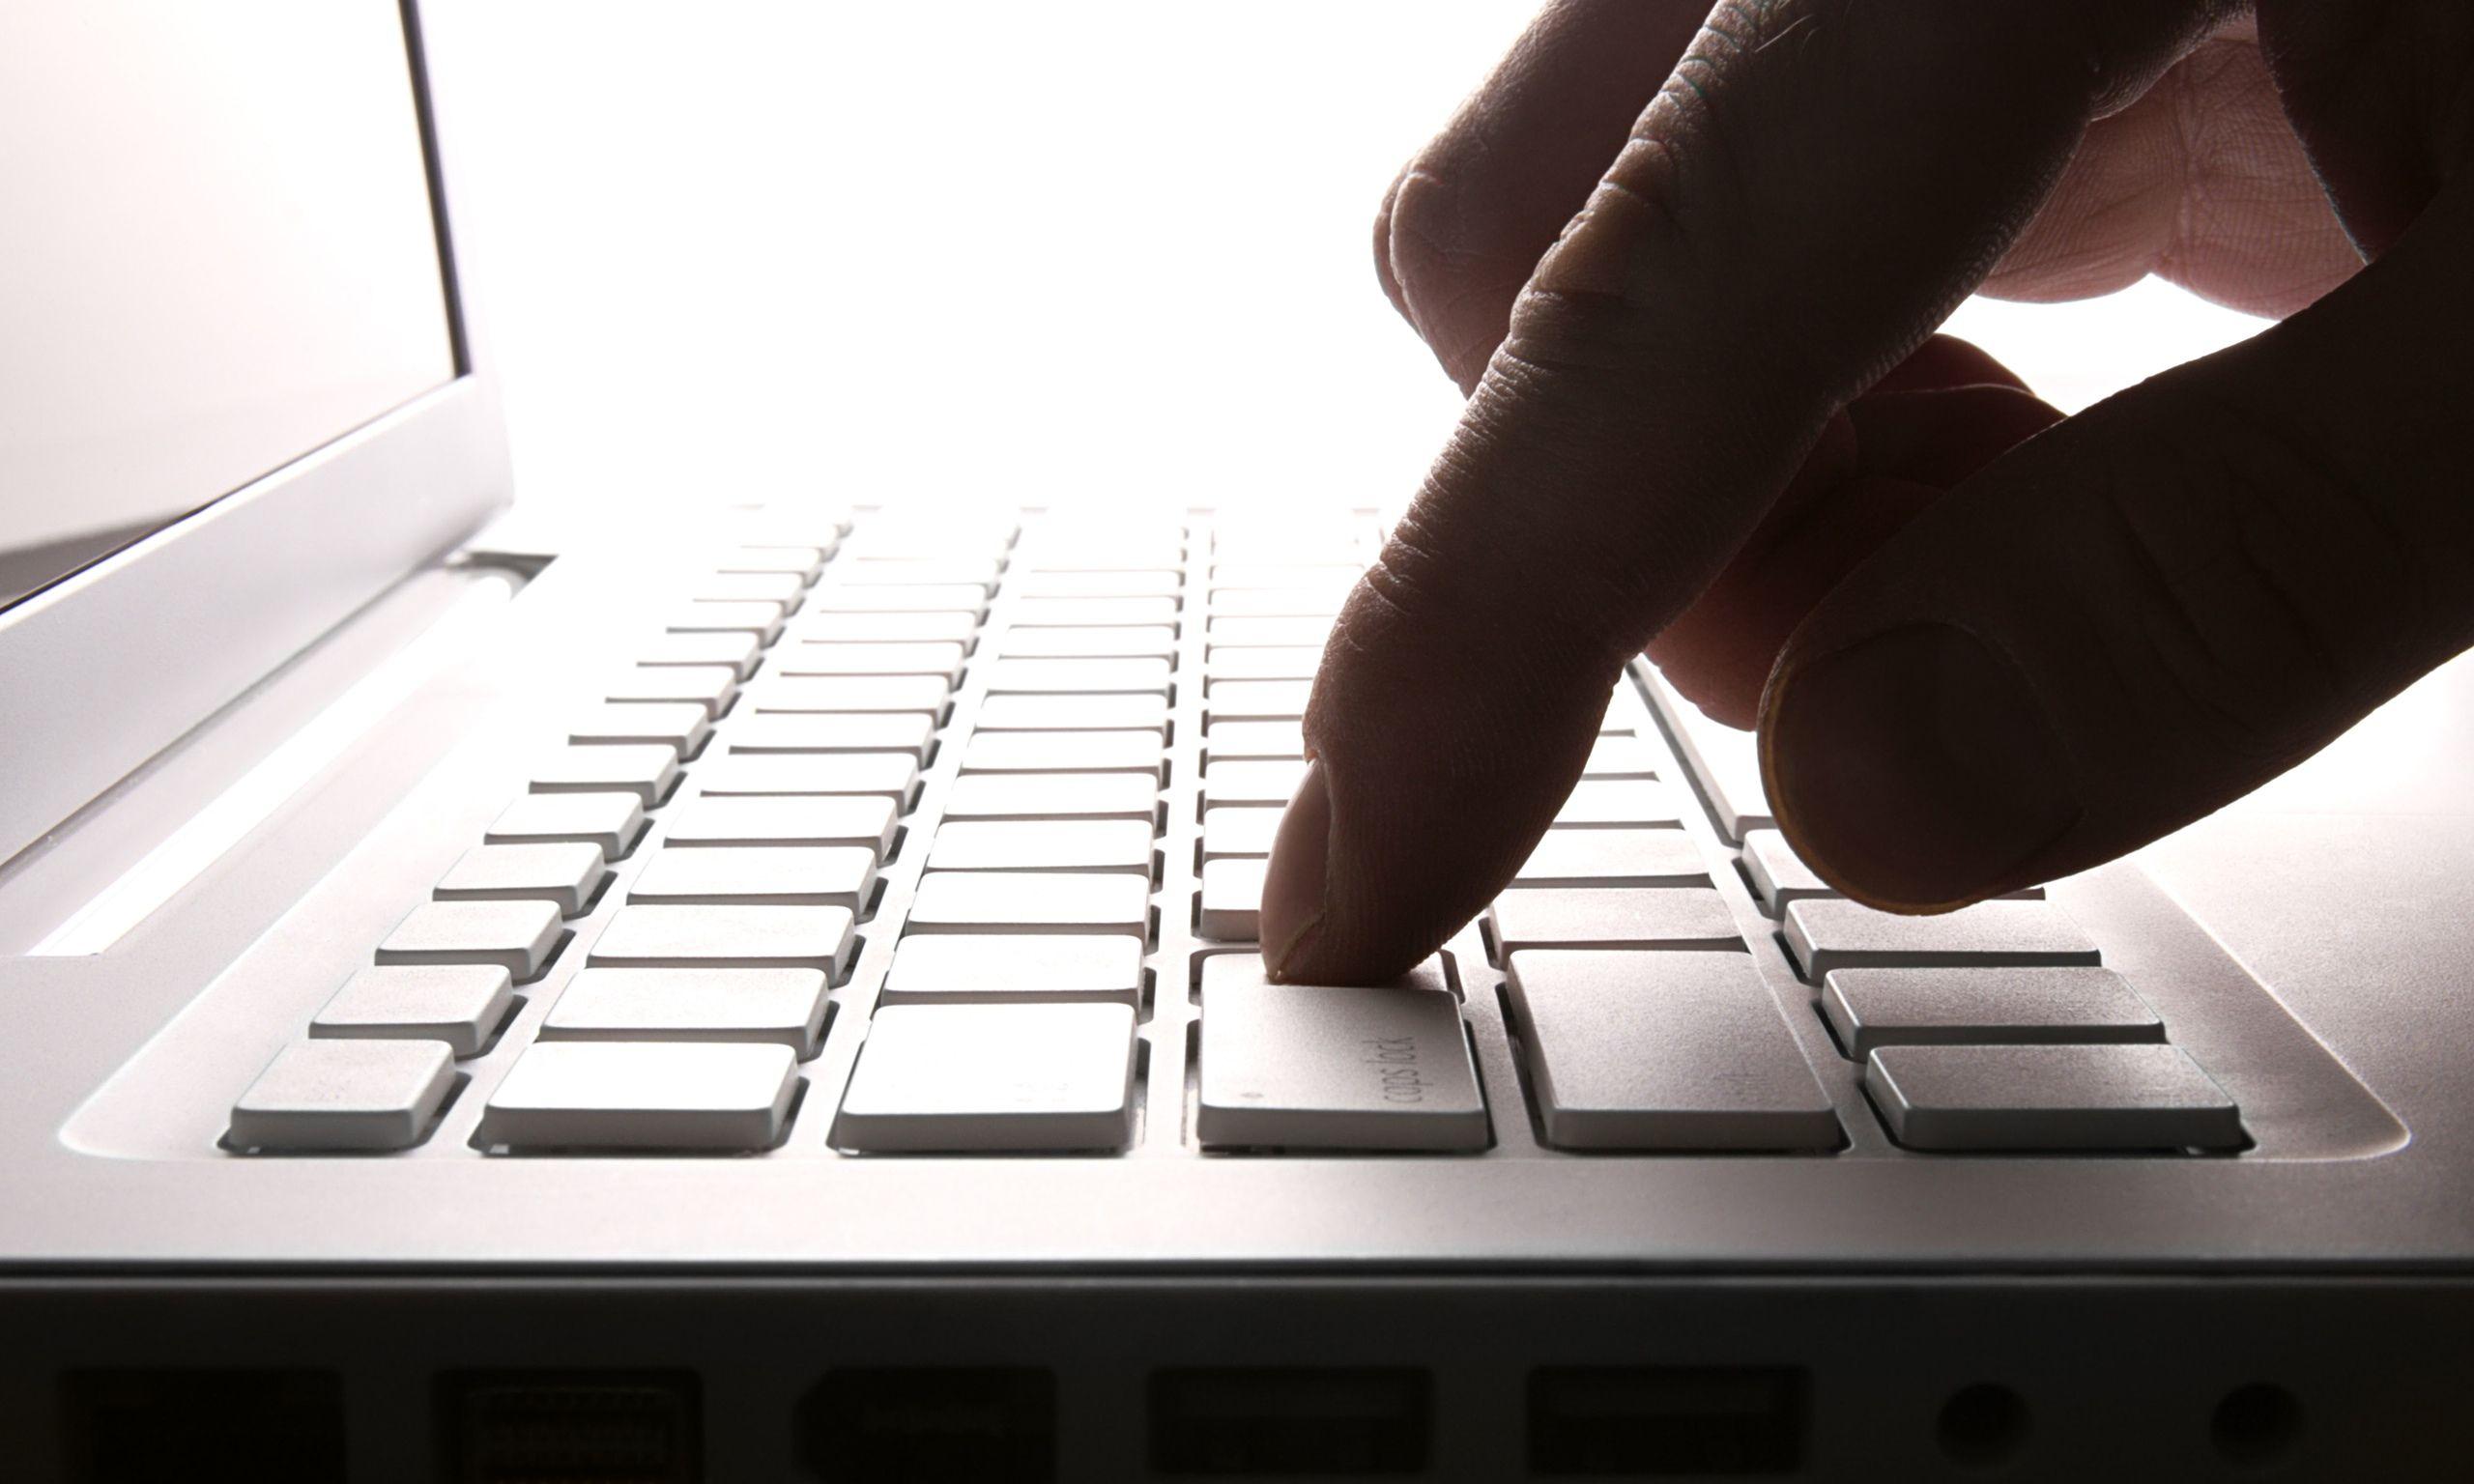 Transparencë online, vetëm 17 bashki e kalojnë klasën